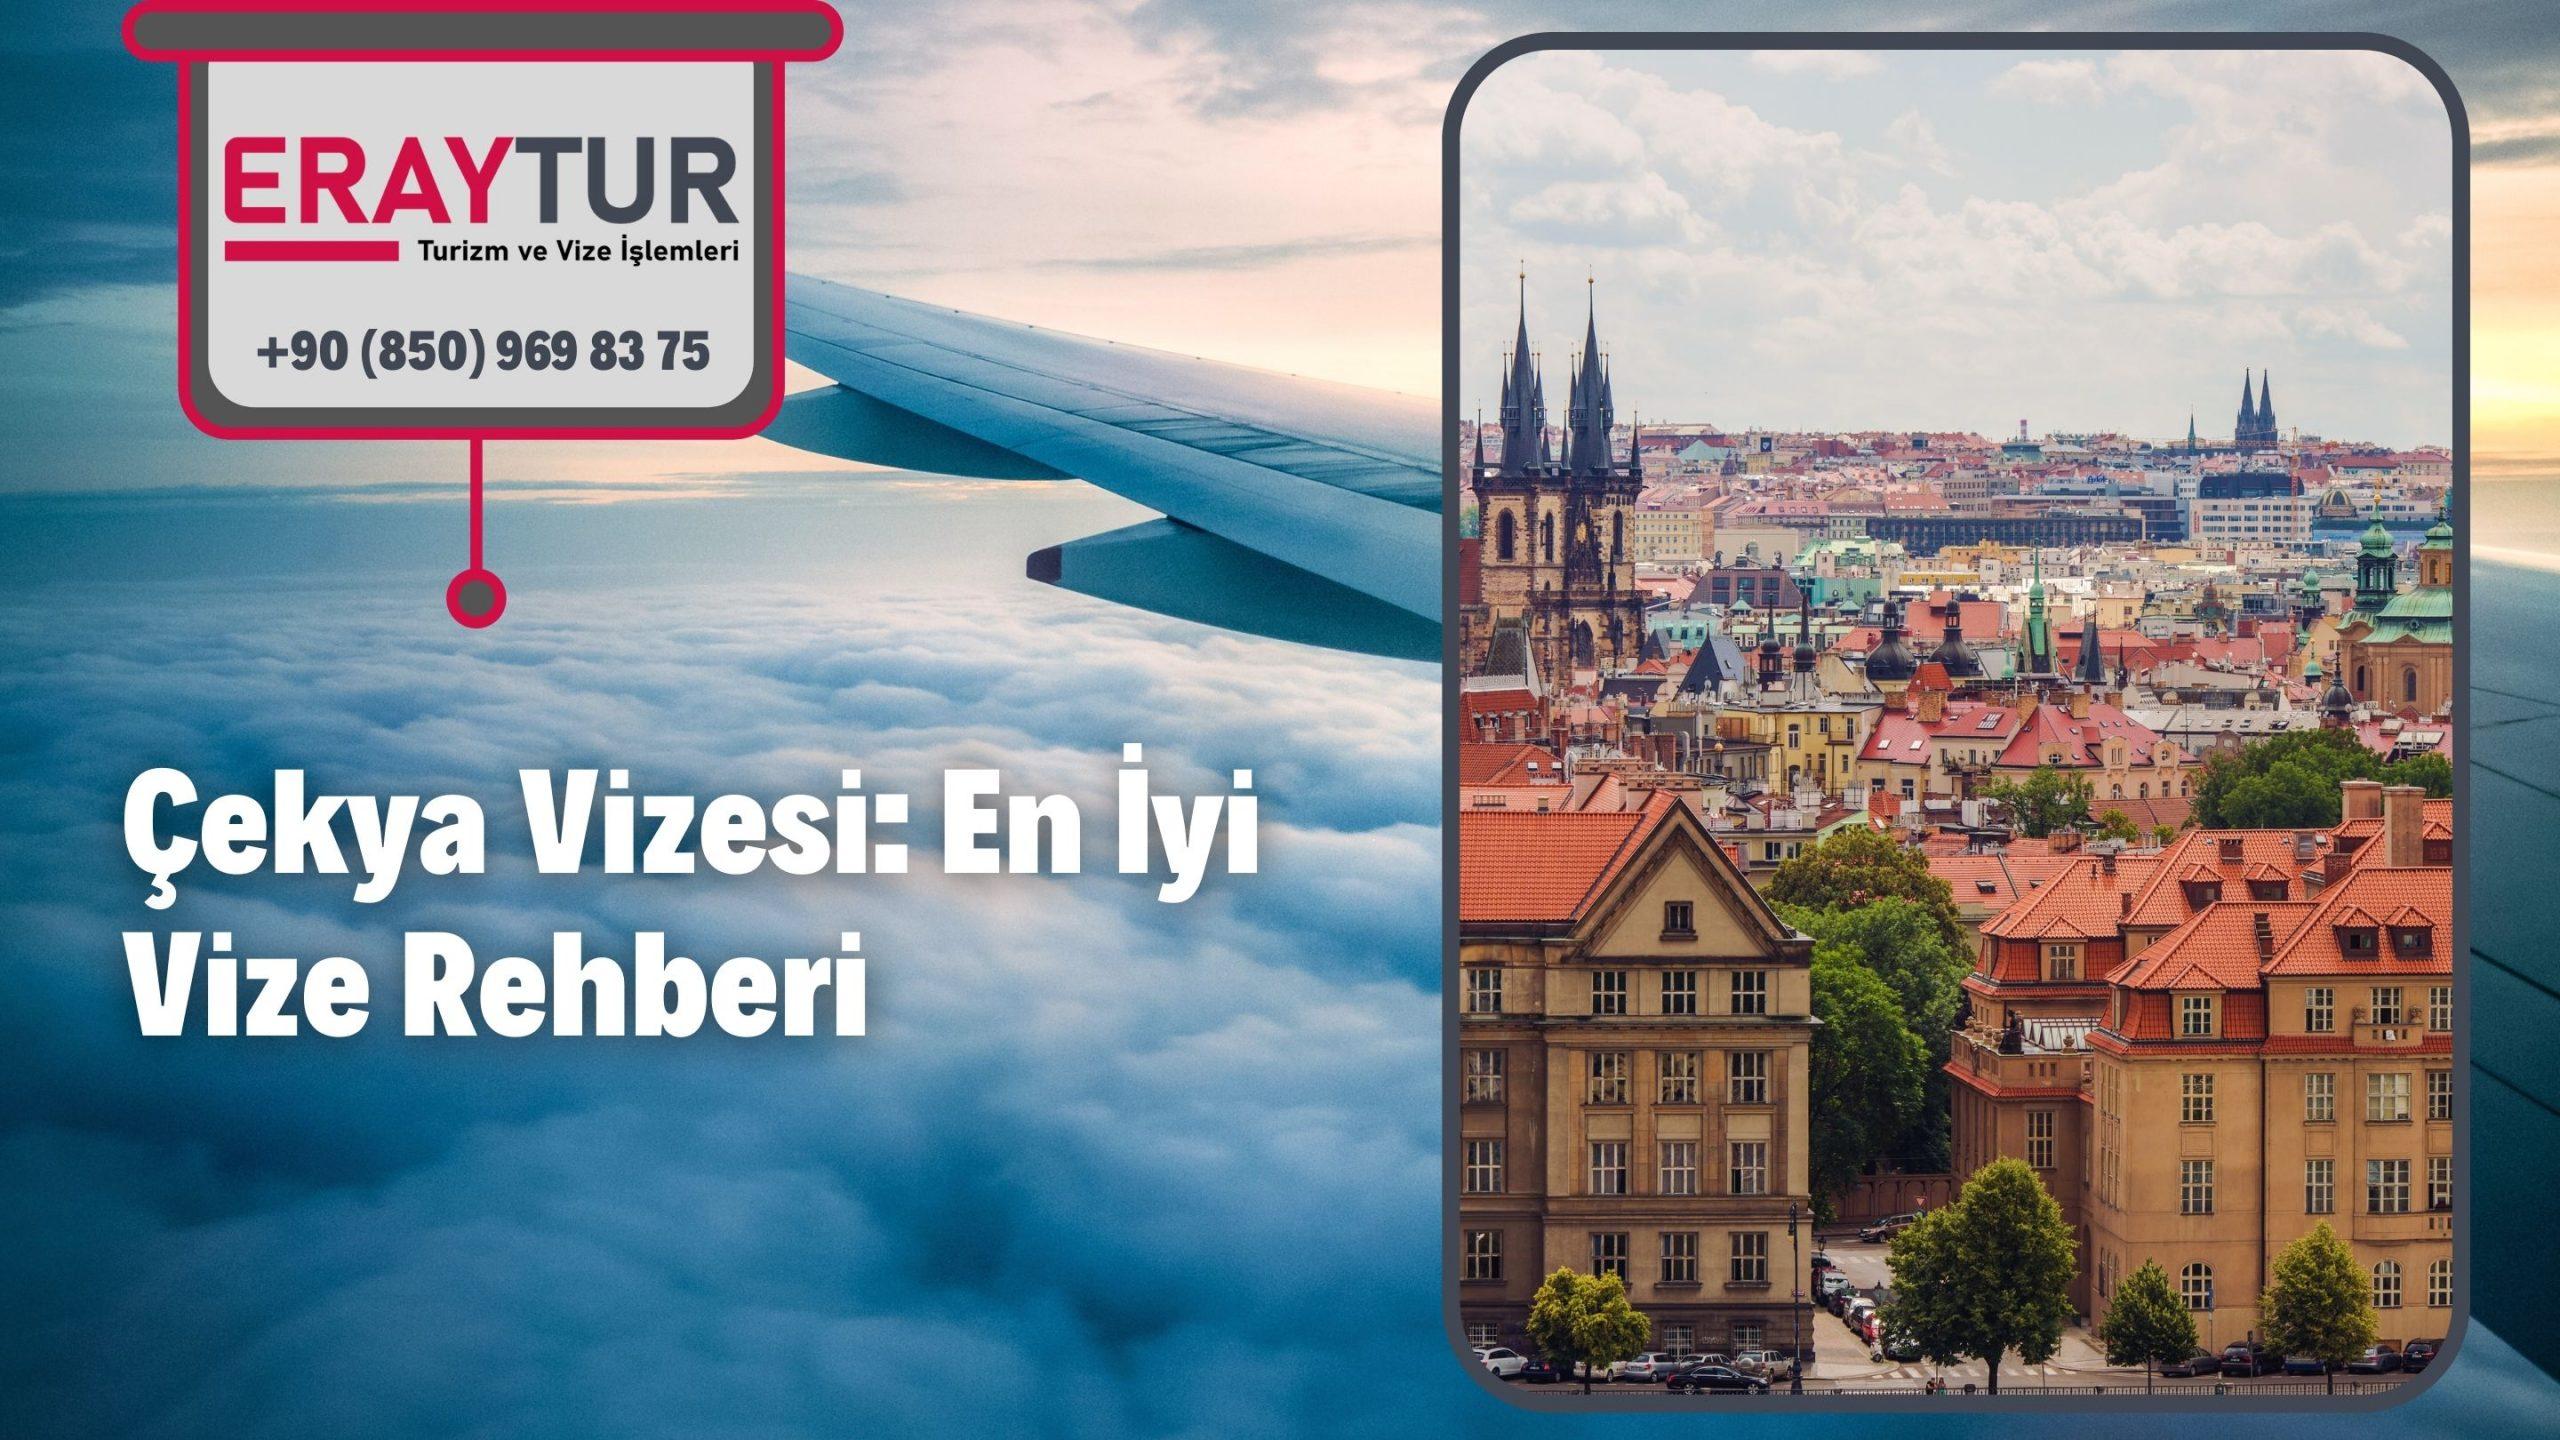 Çekya Vizesi: En İyi Vize Rehberi 2021